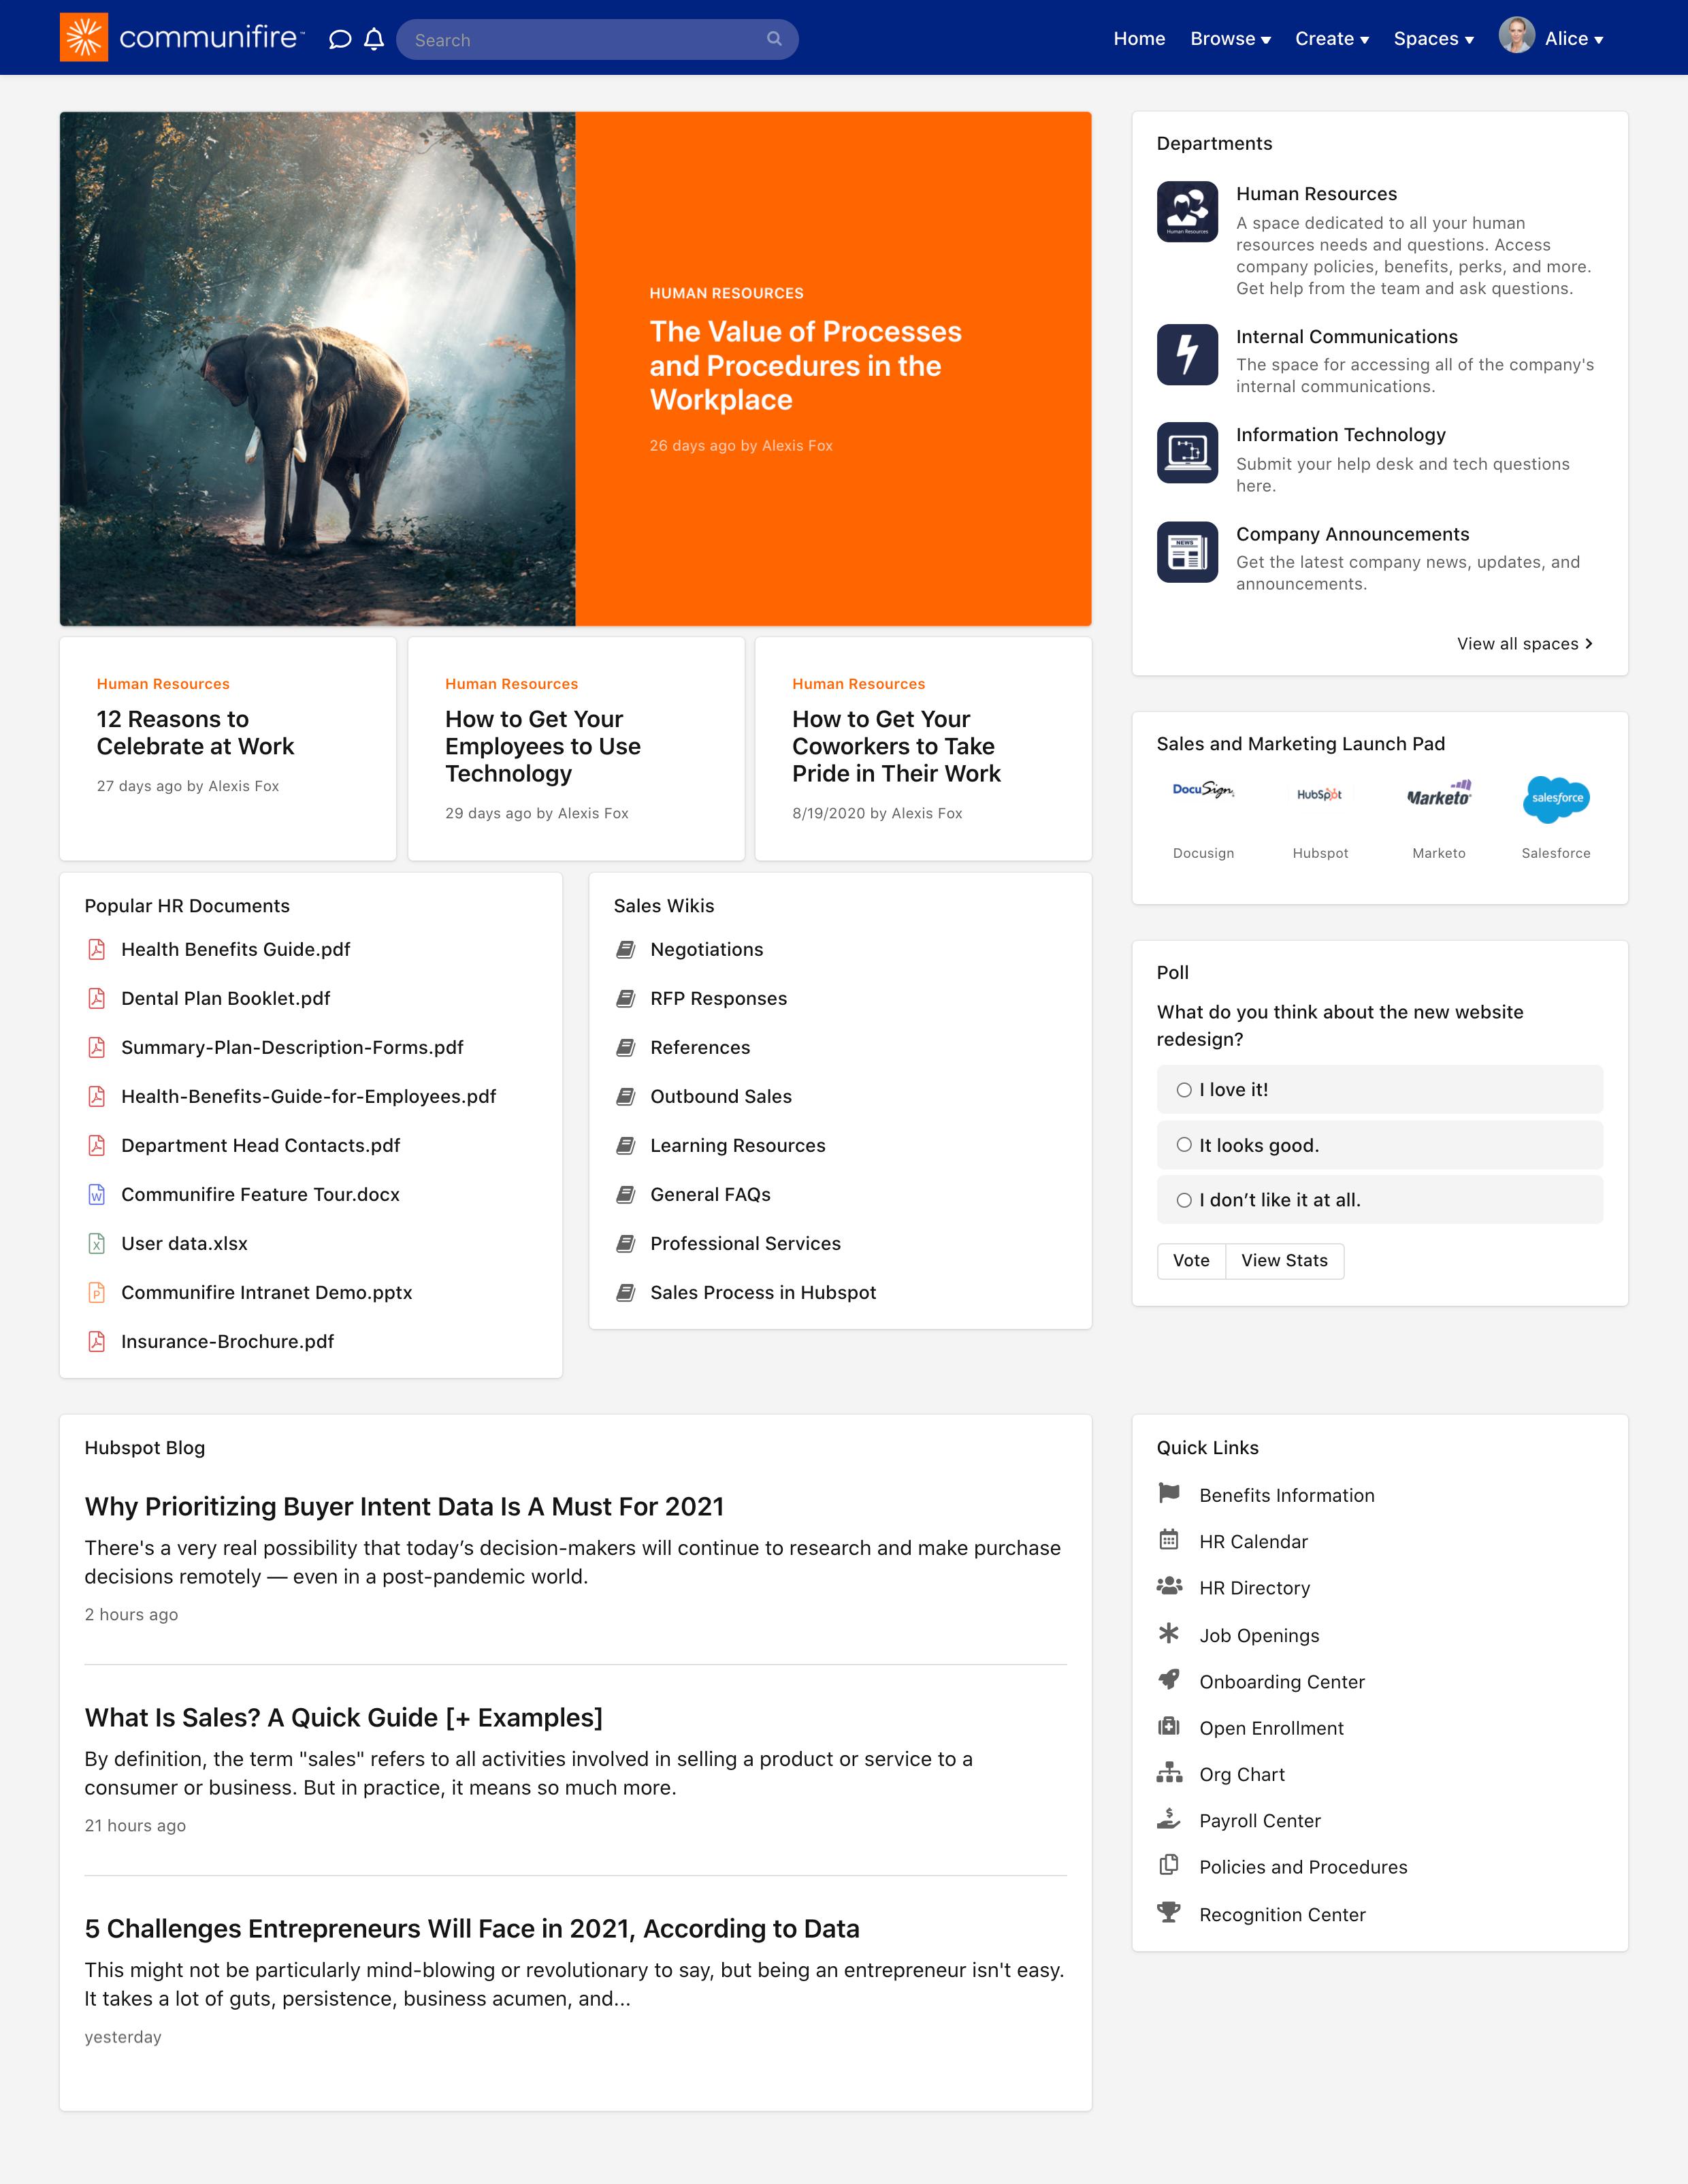 Sales team member's homepage